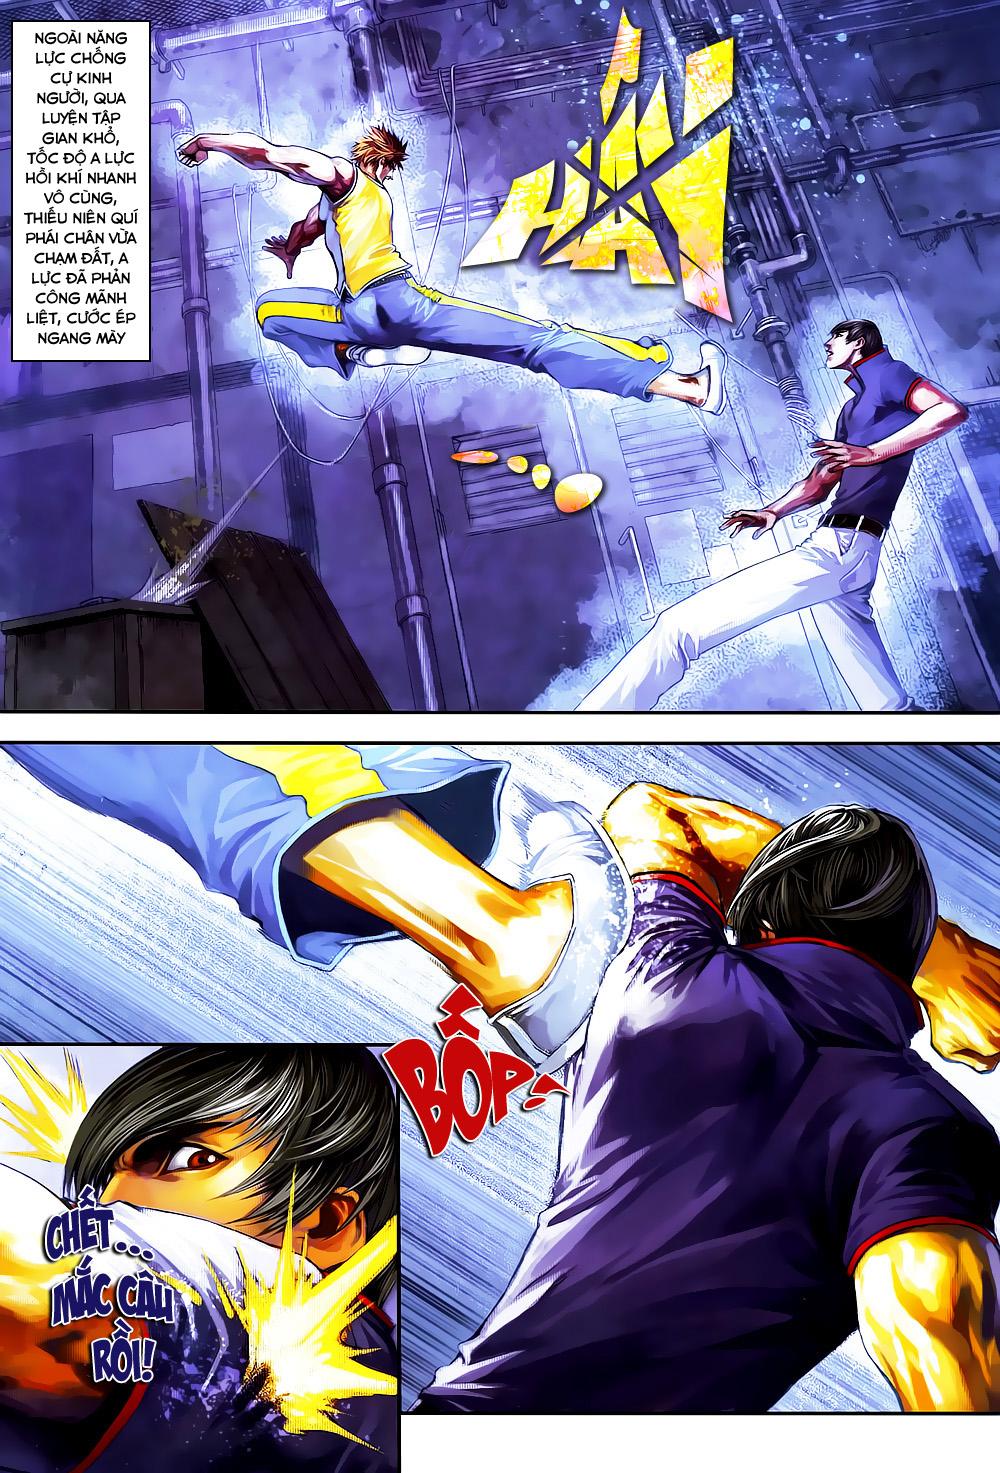 Quyền Đạo chapter 4 trang 22